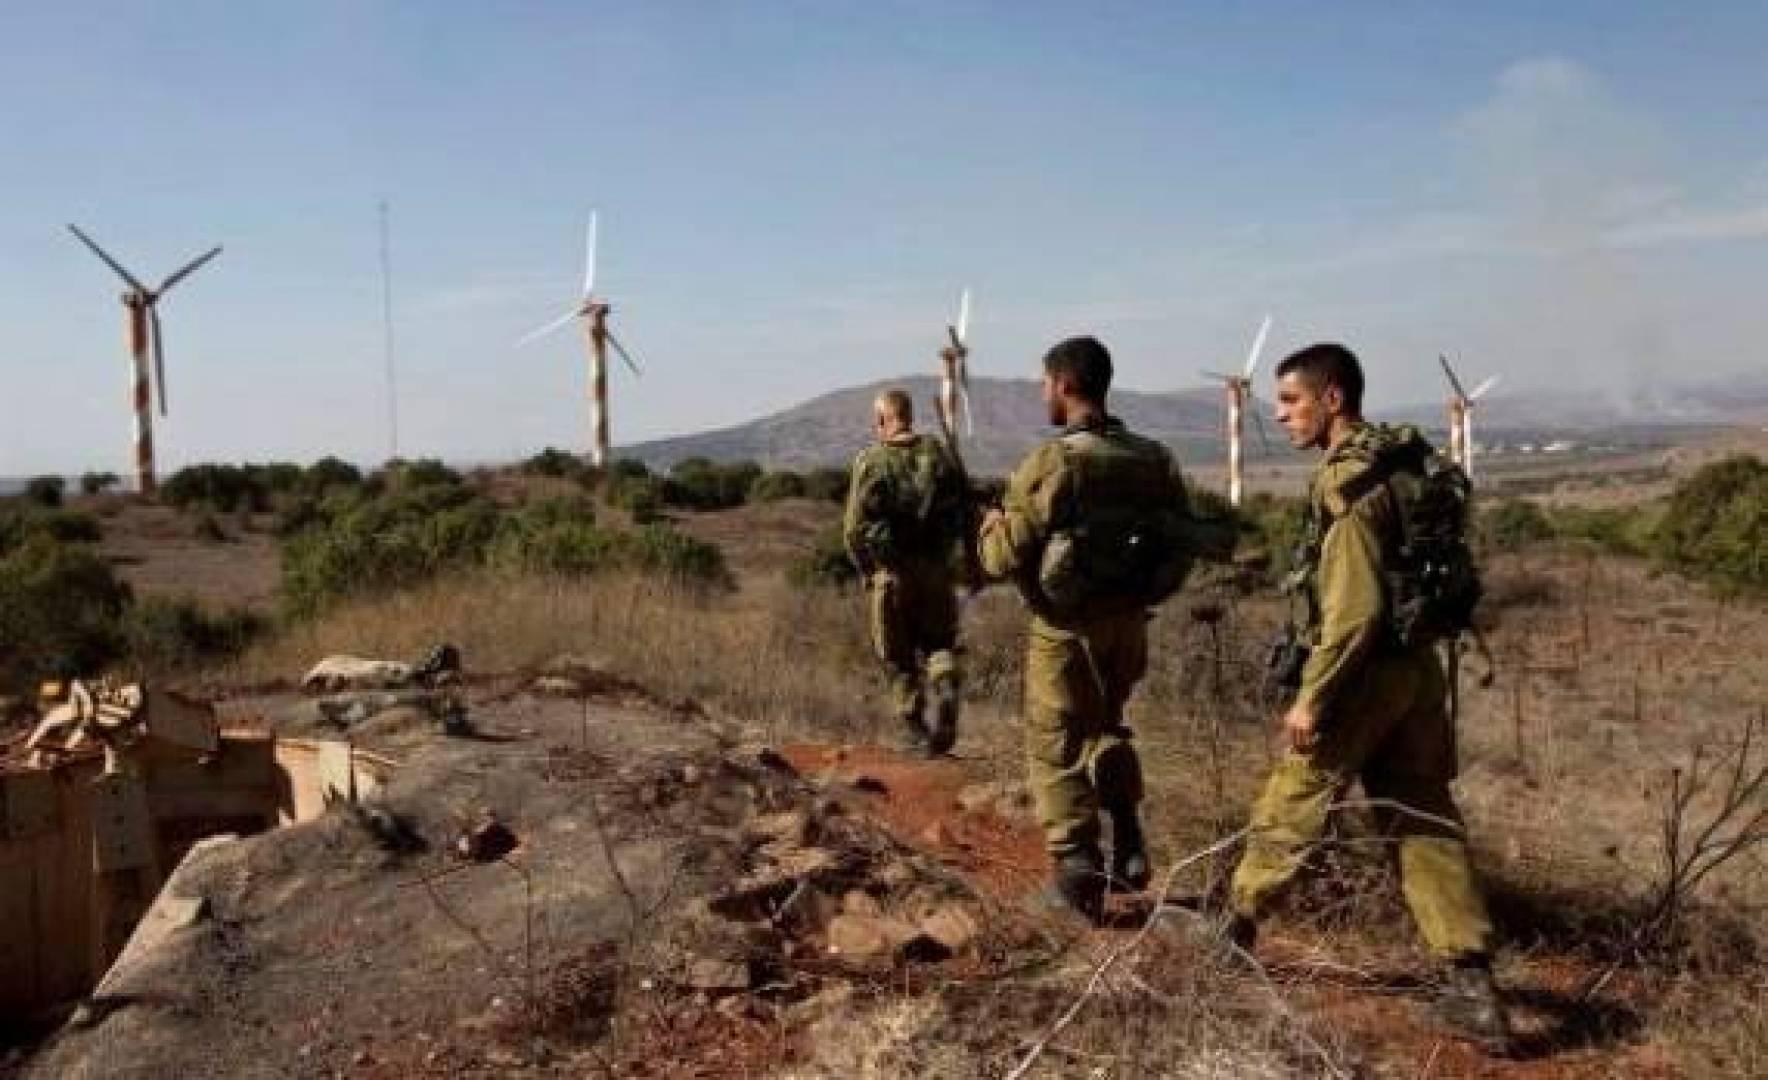 إسرائيل تستهدف مقراً لميليشيات إيرانية جنوبي سوريا